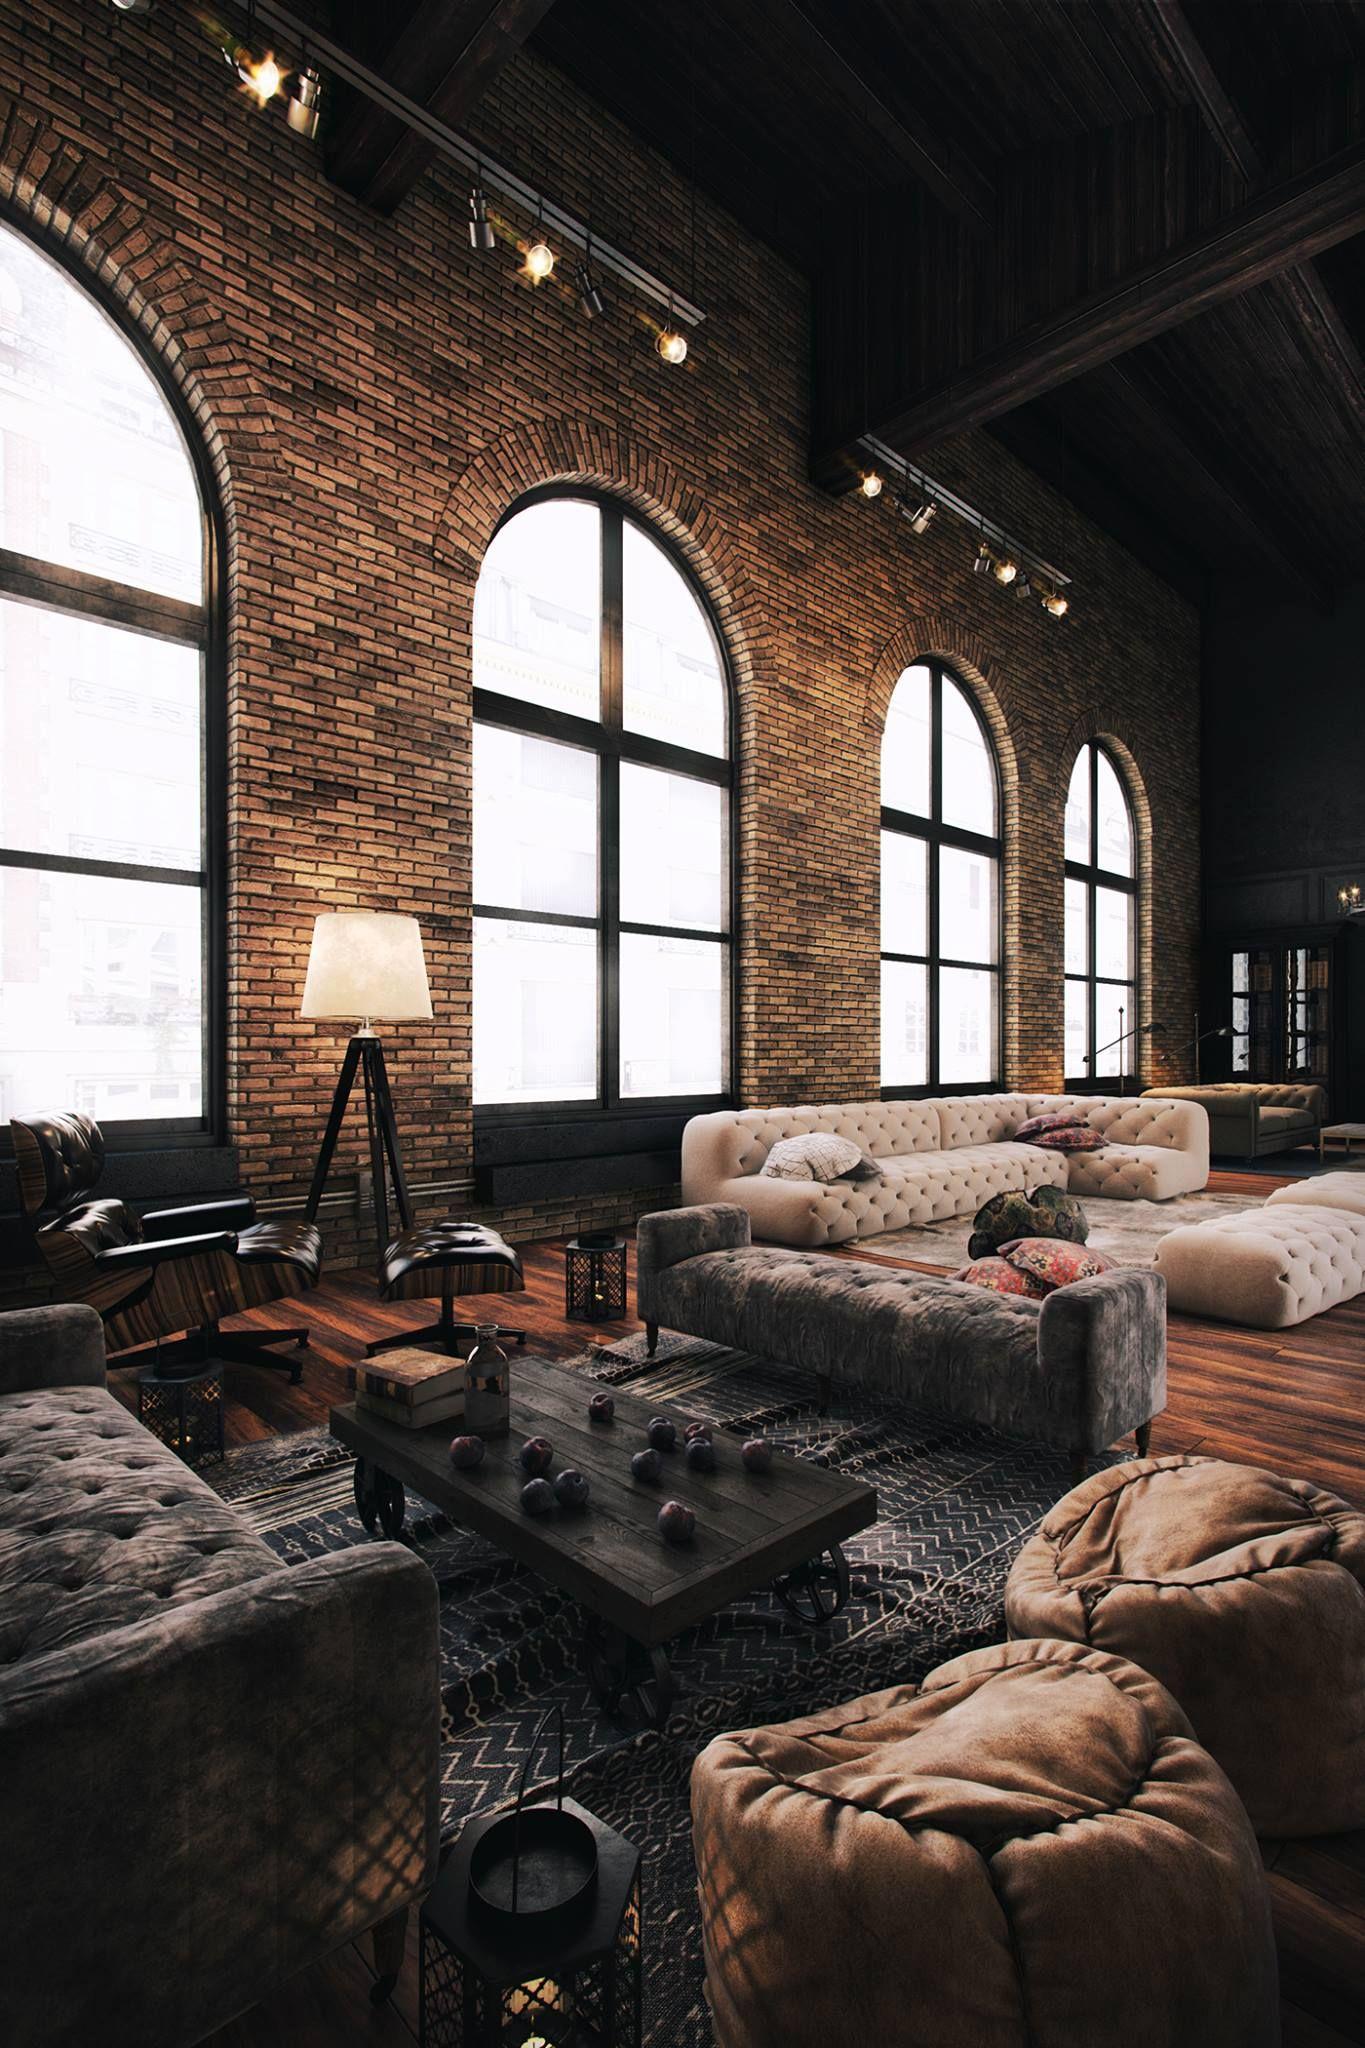 18076671 10155257849248622 8303285558866396994 O Jpg 1365 2048 Industrial Living Room Design Loft Design Industrial Interior Design